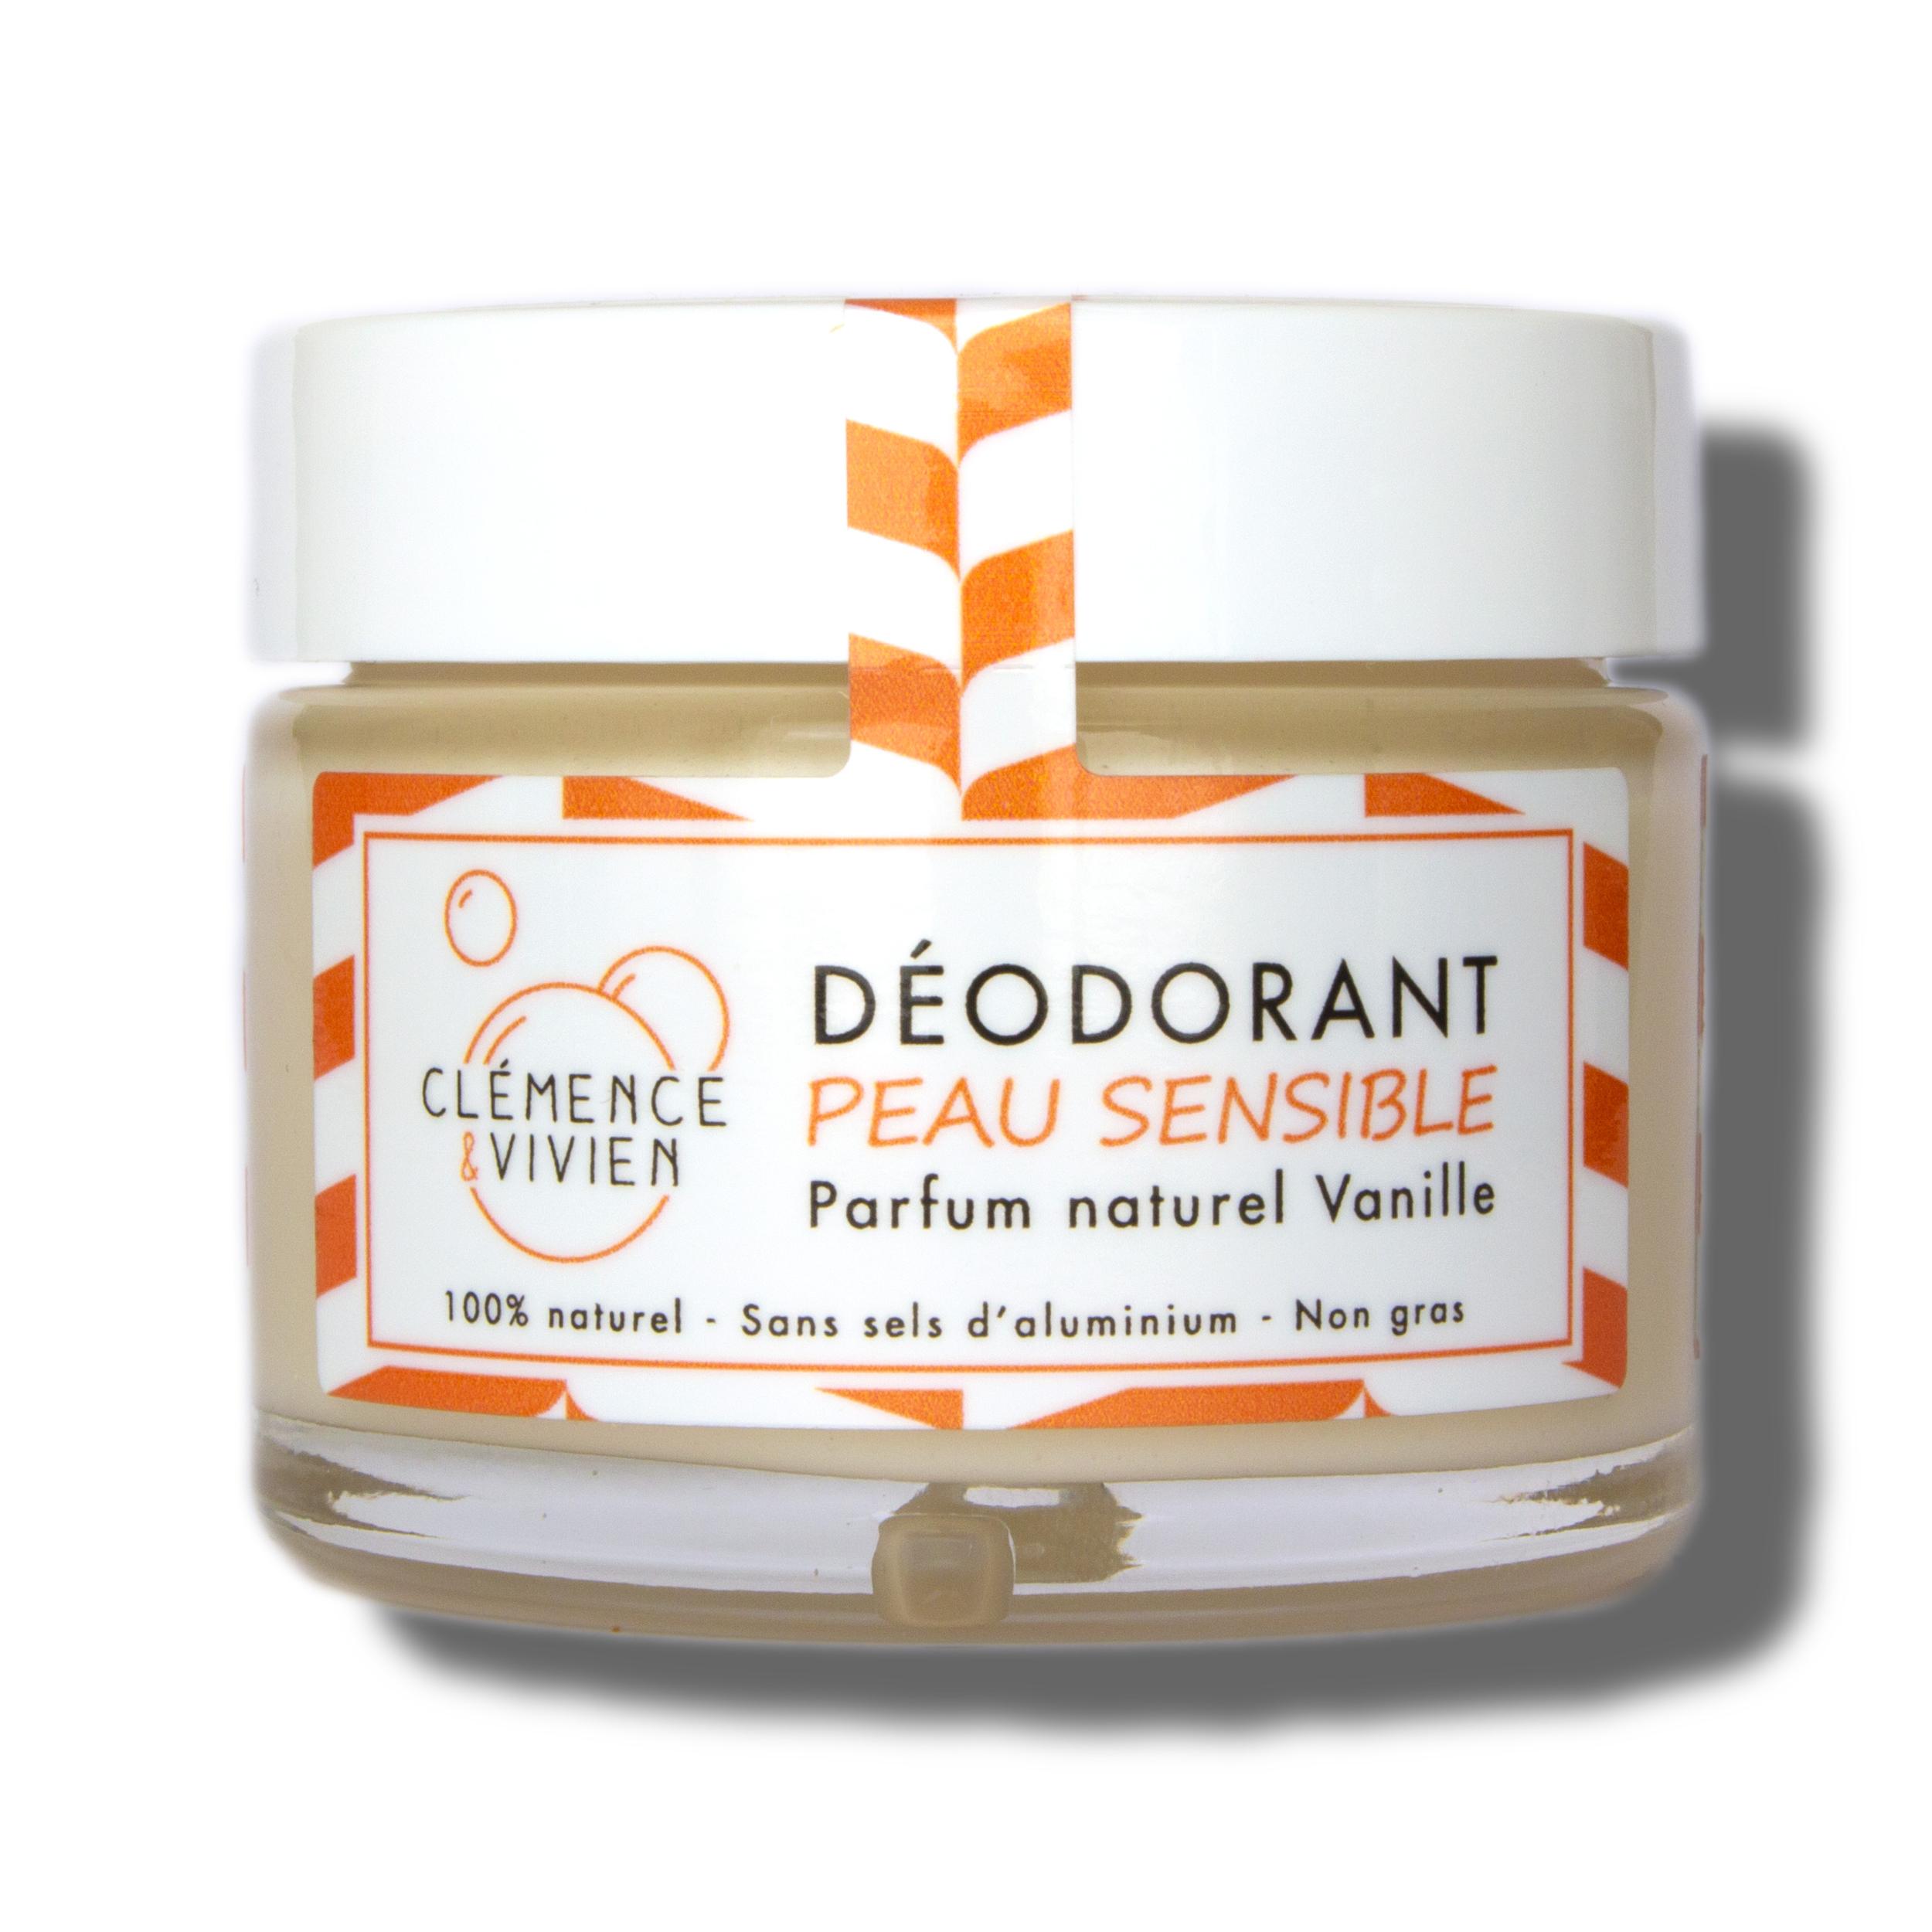 deodorant-vanille-peaux-sensibles-clemence-et-vivien